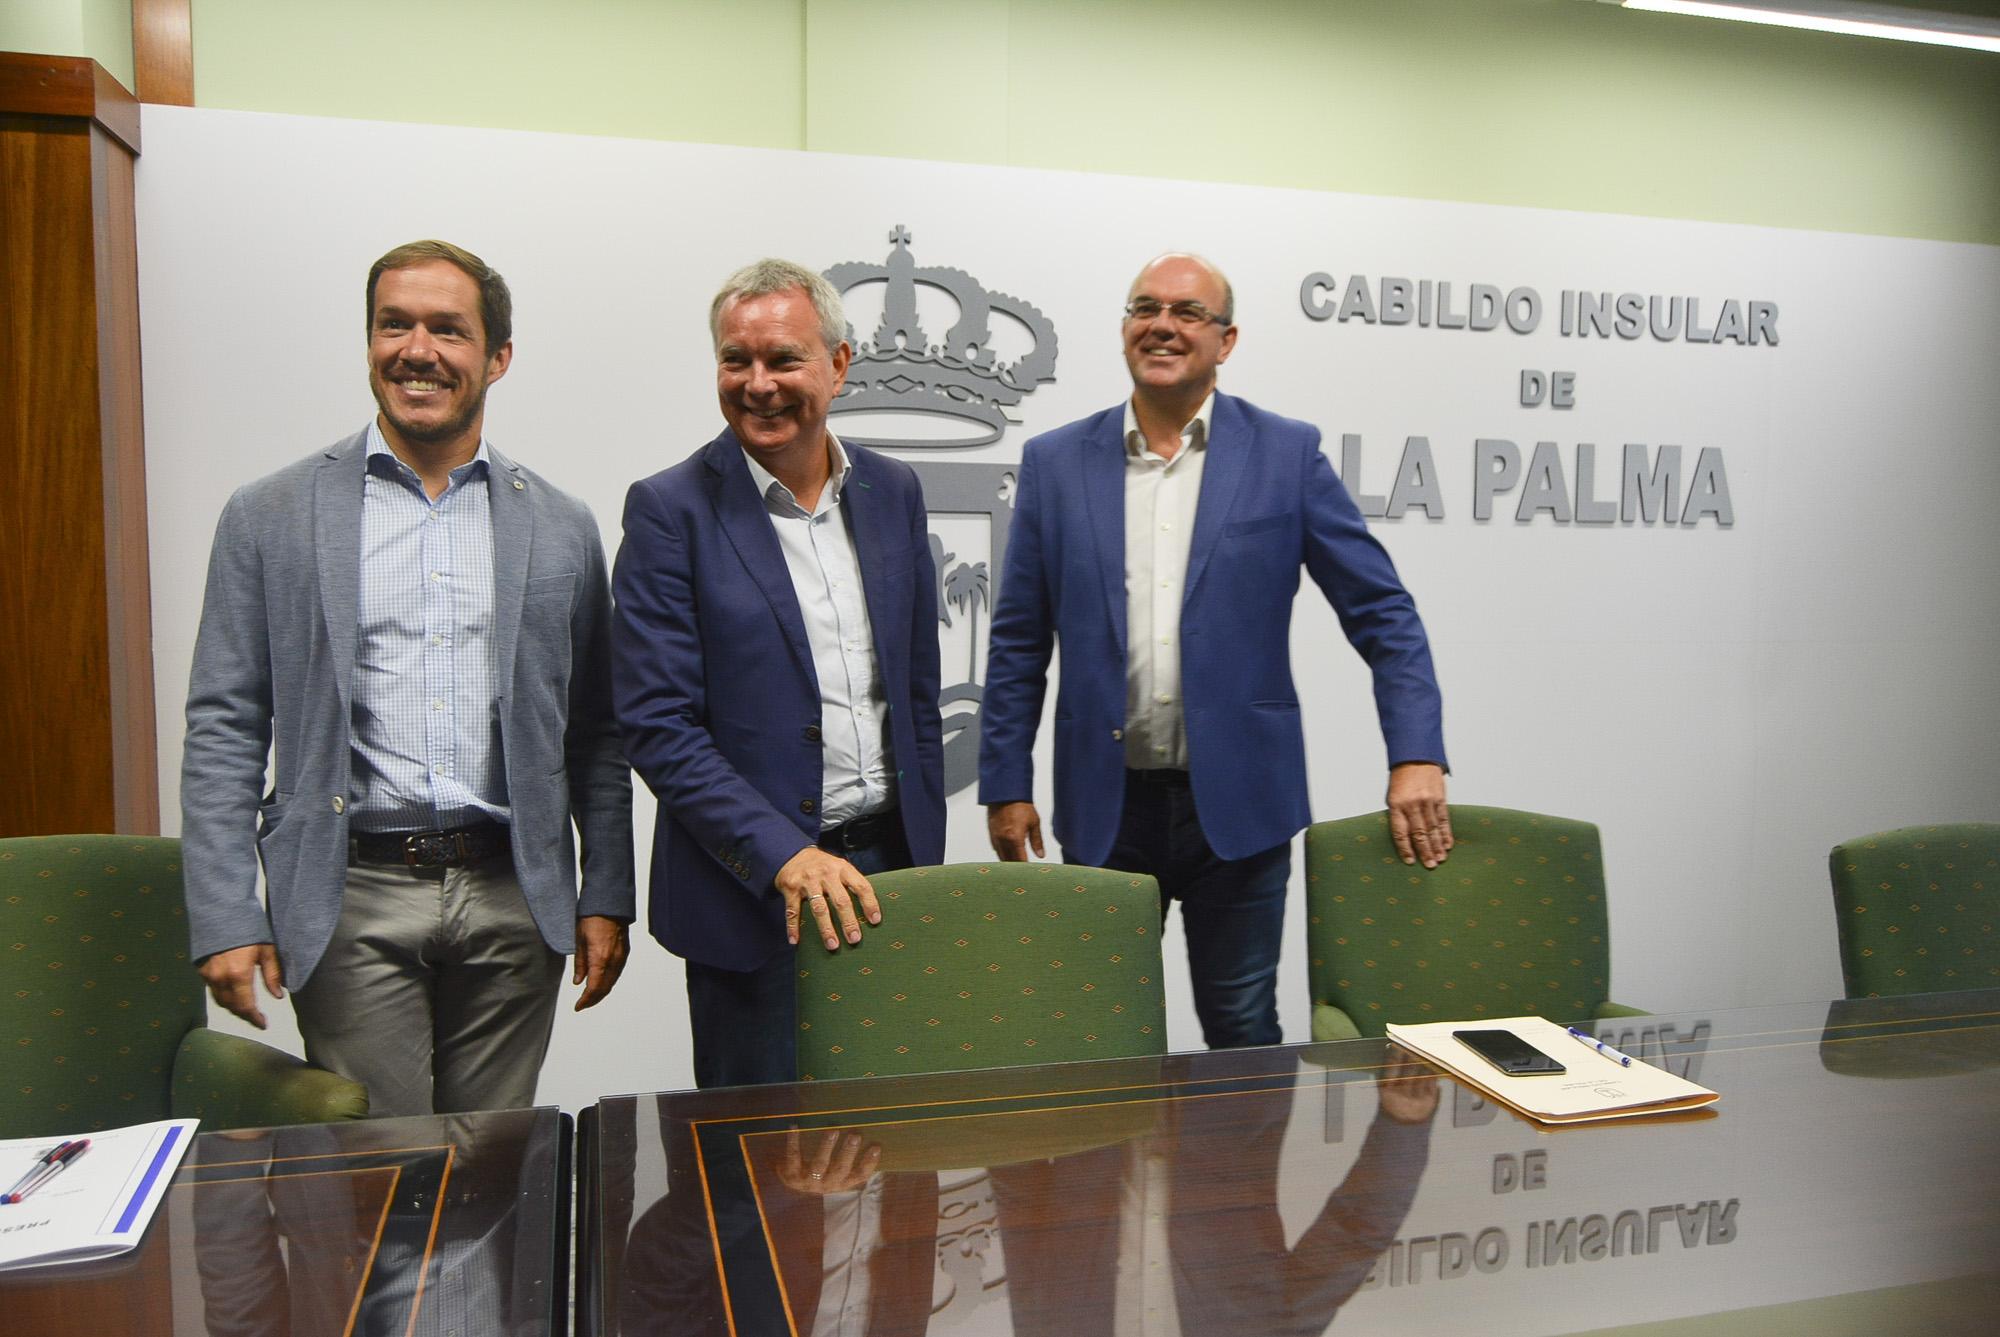 Franquis anuncia la licitación de obras por valor de 64 millones de euros en varias carreteras de La Palma para 2020